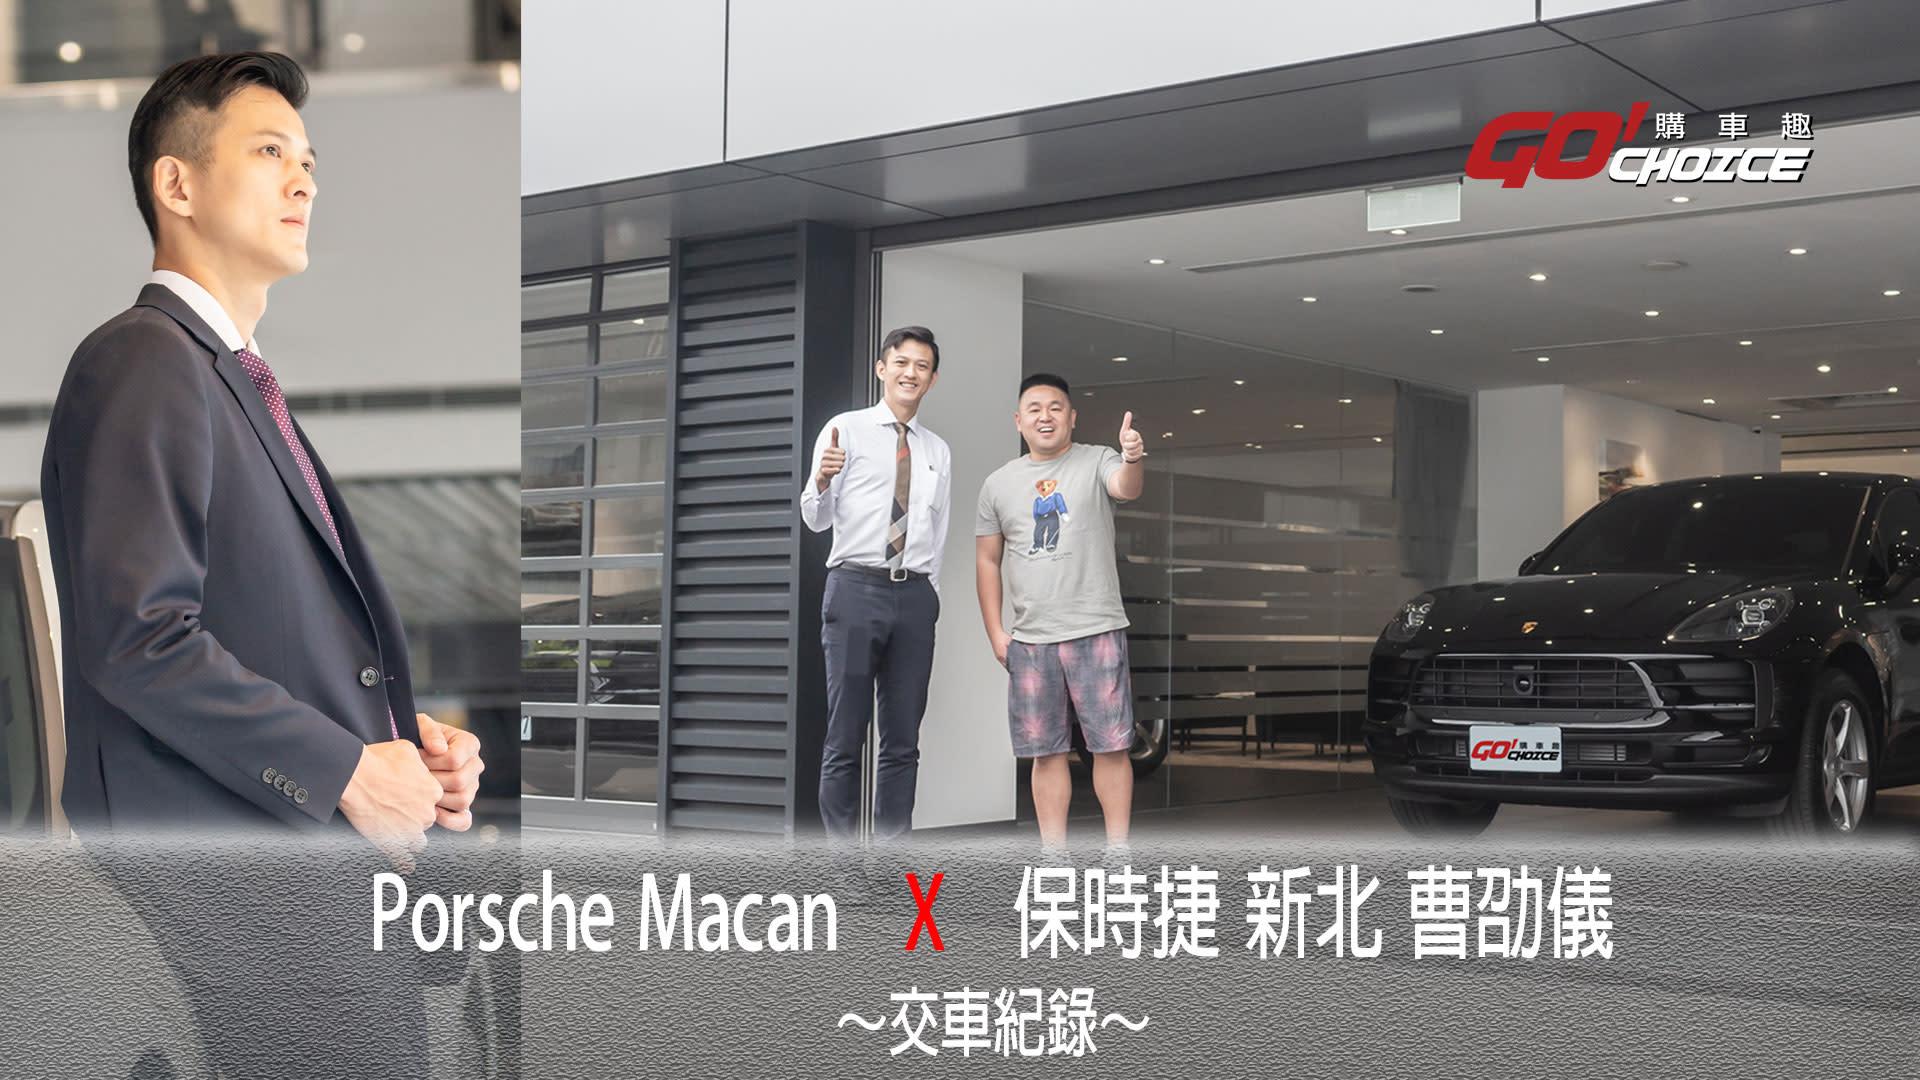 交車紀錄影片_保時捷Porsche Macan  X  保時捷 新北 銷售顧問_曹劭儀